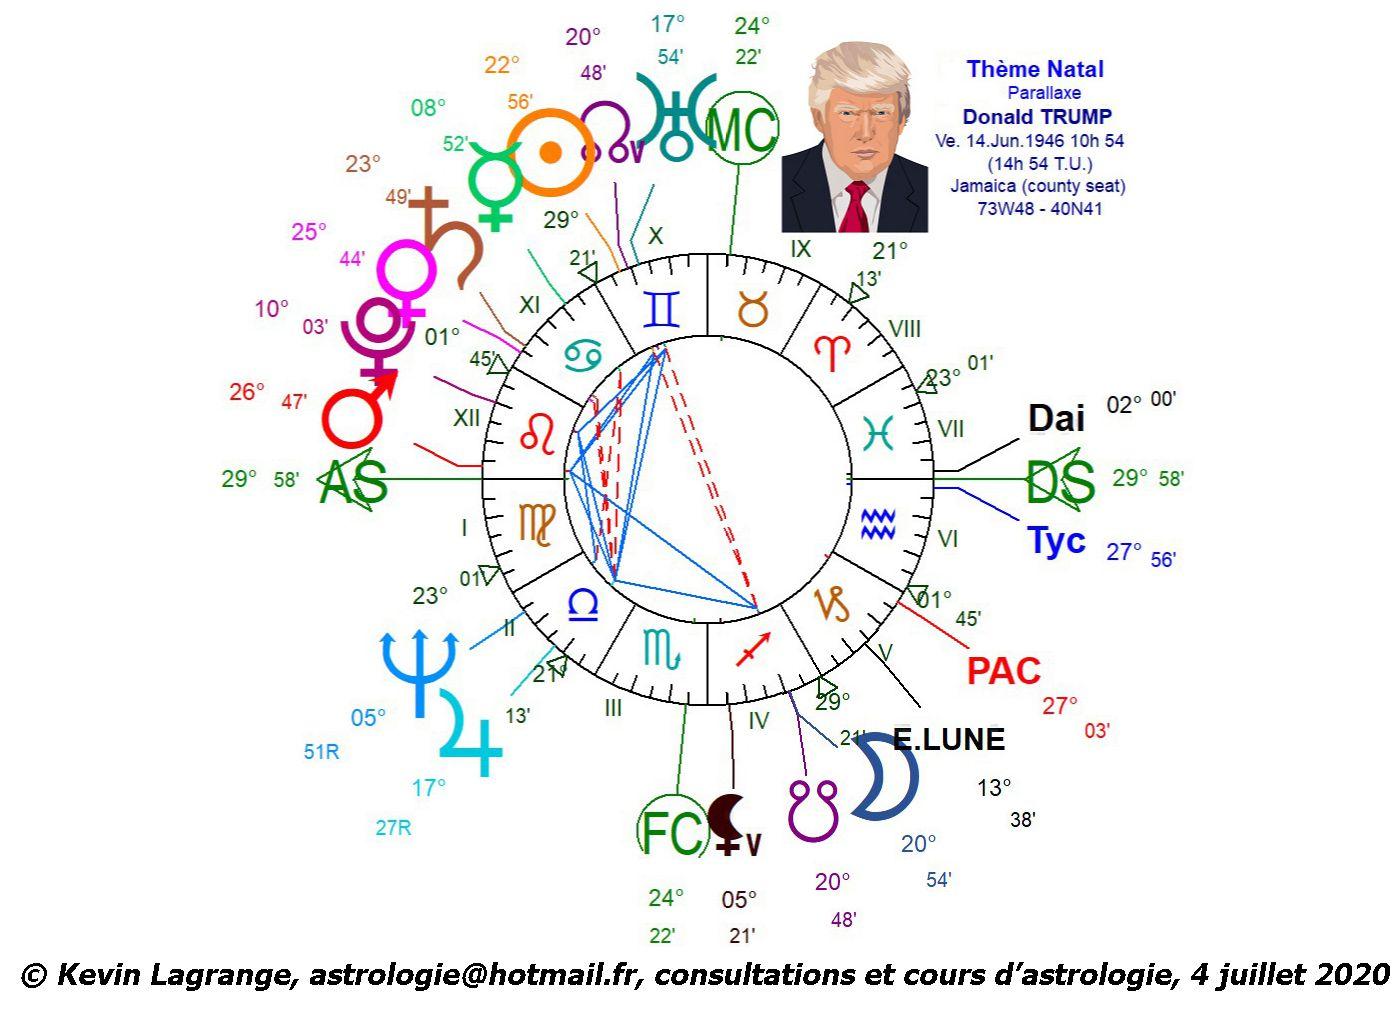 Astrologie : Trump contre Biden, élection présidentielle américaine 2020